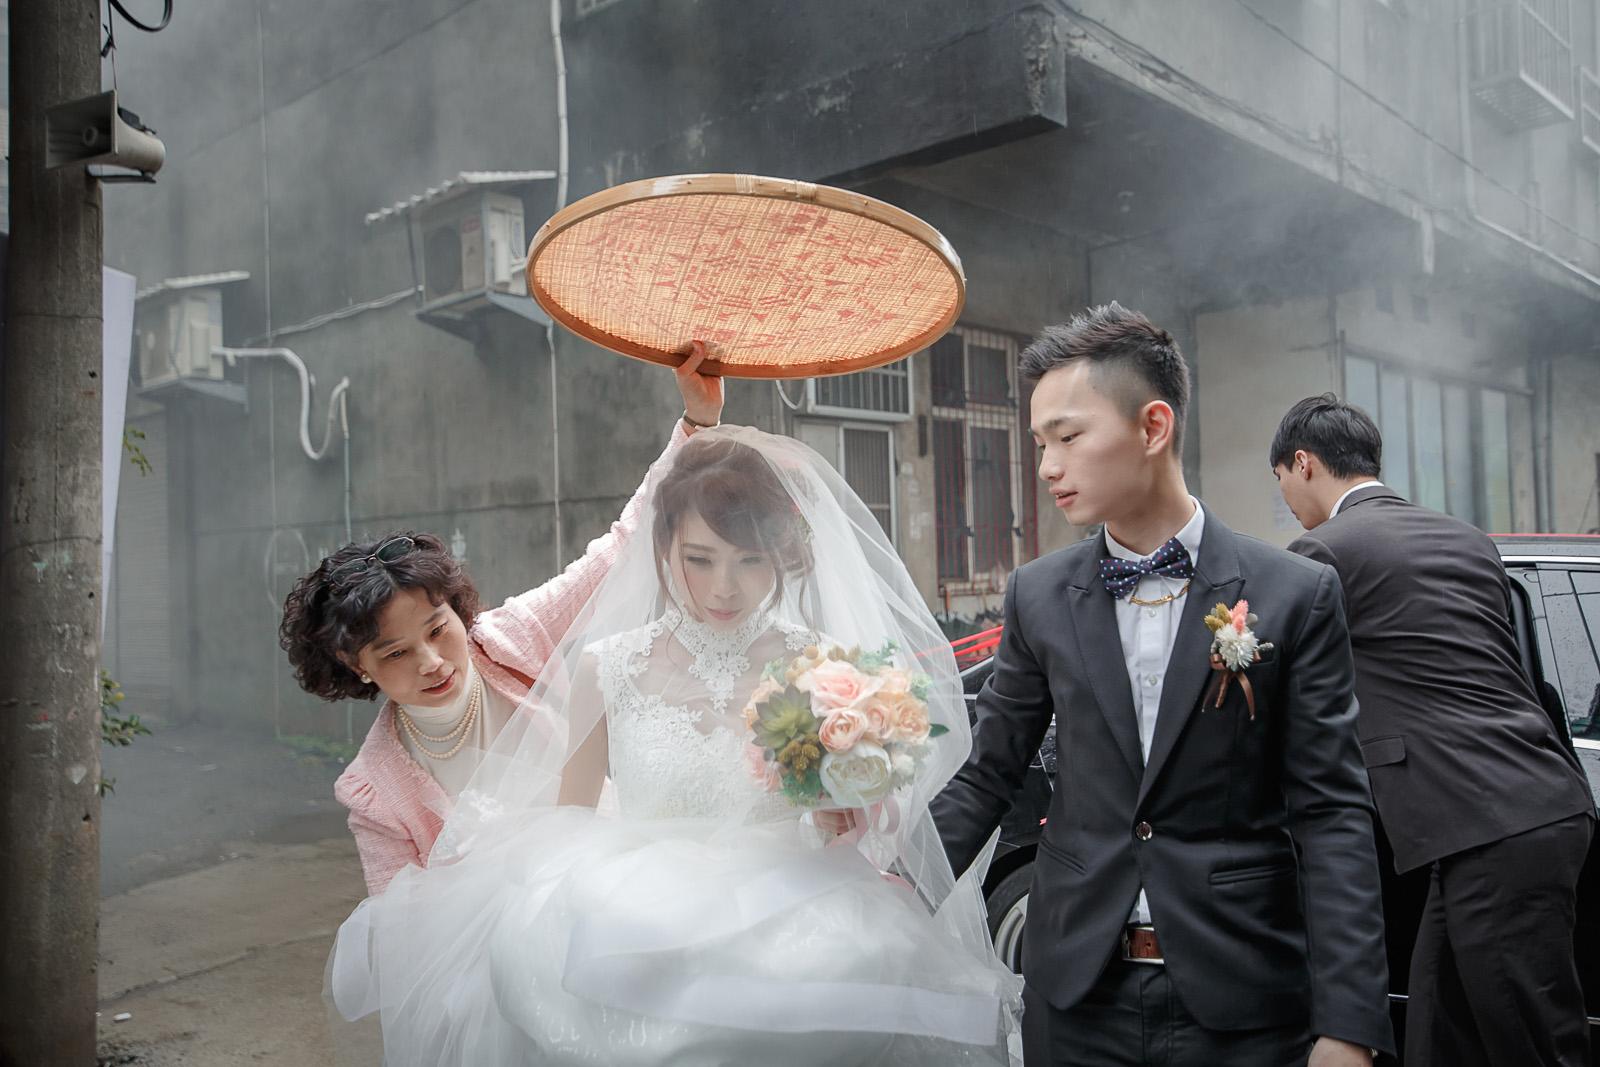 高雄圓山飯店,婚禮攝影,婚攝,高雄婚攝,優質婚攝推薦,Jen&Ethan-172